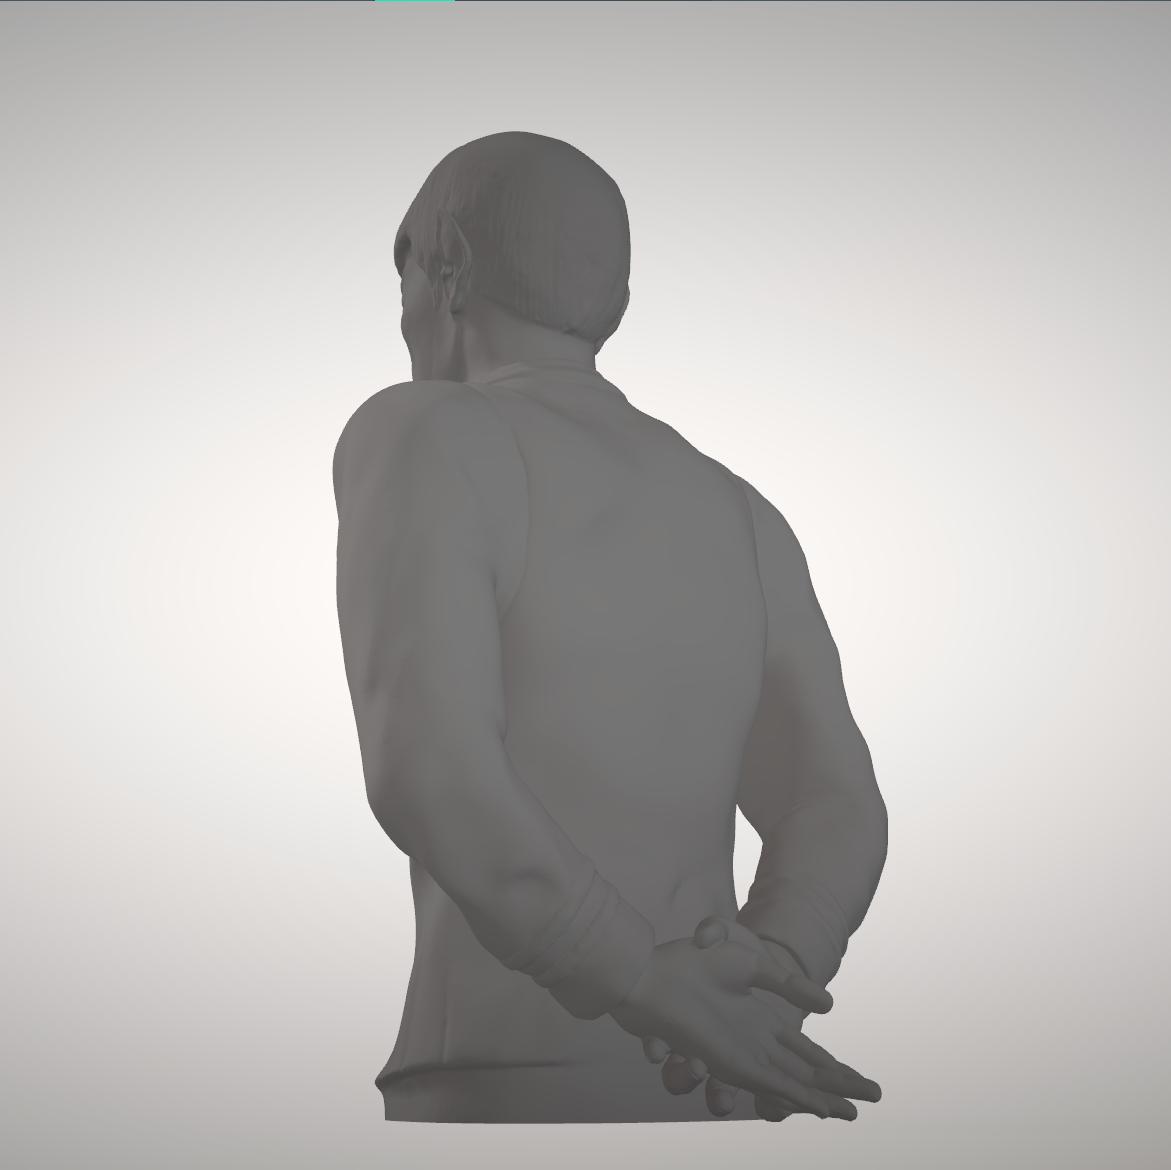 Sandpiper_Spock_Full3.png Download STL file Star Trek Mr. Spock figurine and bust UPDATED • 3D printable object, sandpiper